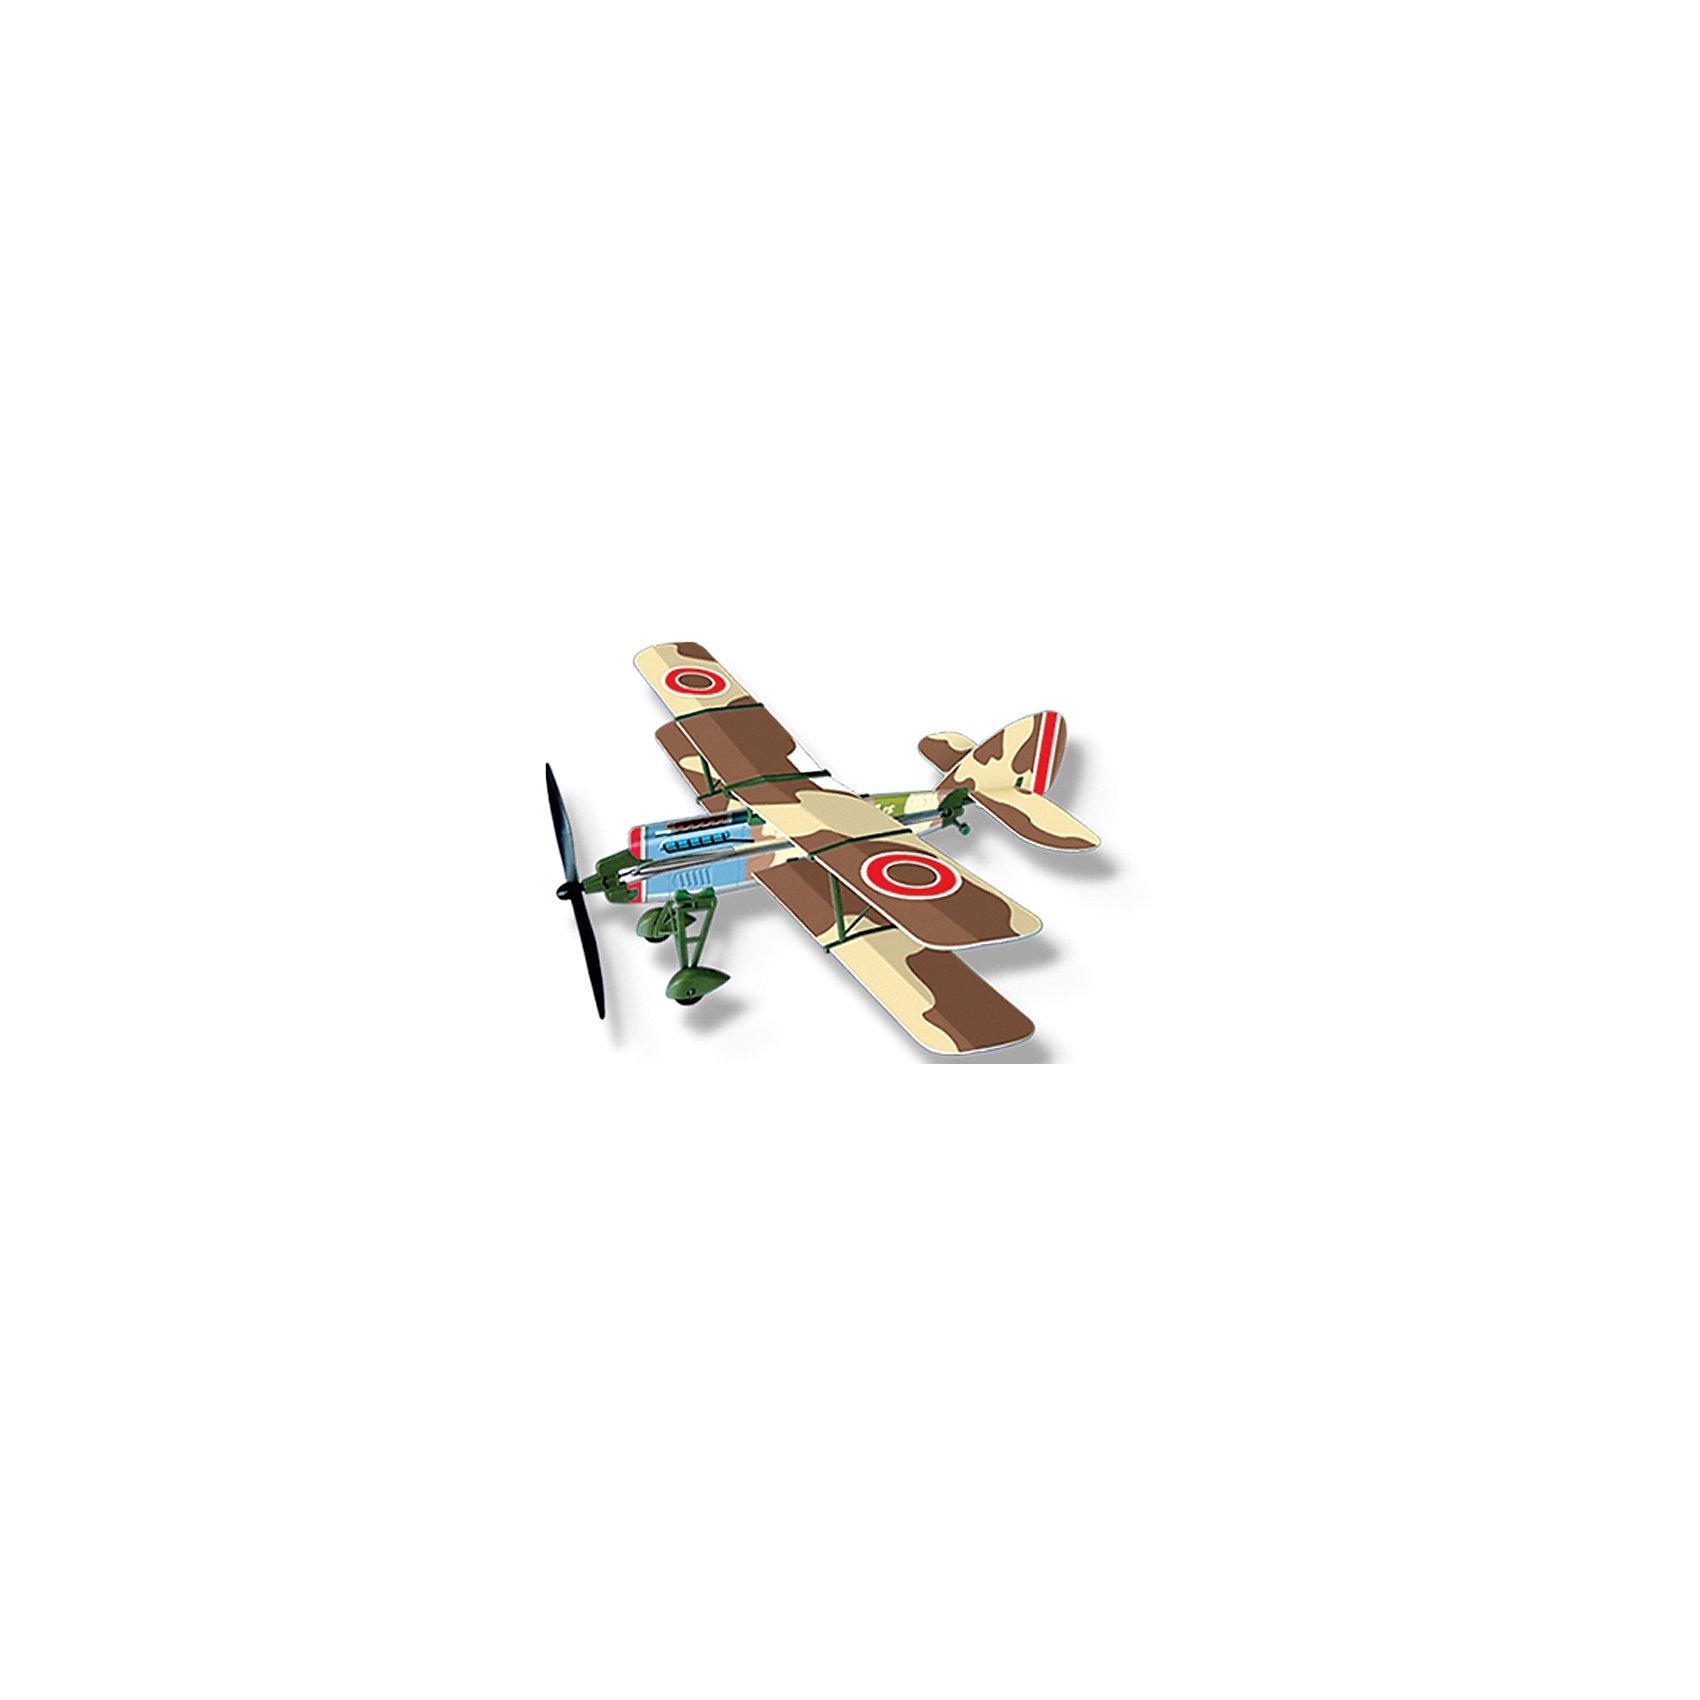 Самолет с резиномотором History Plane F.2B Airplane, LYONAEECСборные модели транспорта<br>Любой мальчишка придет в восторг от самолета History Plane F.2B Airplane от LYONAEEC! Легкую и изящную модель биплана катапультного типа удобно носить с собой. С его помощью можно сделать прогулки еще более увлекательными. Набор позволяет собрать реалистичную модель одномоторного двухместного биплана и запустить его в воздух. Для этого не требуется клея или специальных инструментов. Запустить его можно ручным броском или специальной скруткой пропеллера. Самолет летит очень далеко и красиво планирует. С History Plane F.2B Airplane интересно играть даже компанией! Ведь самолет в зависимости от угла запуска и скорости самолет может лететь далеко, а затем самостоятельно приземляться. Решайте, кто лучший пилот и оттачивайте навыки пилотирования с History Plane F.2B Airplane. Мальчишкам очень понравится играть с самолетом, который они соберут сами, используя несложную инструкцию.<br><br>Дополнительная информация:<br><br>- В комплекте: детали самолета, инструкция;<br>- Материал: пластик;<br>- Яркое оформление;<br>- Длина самолета: 45,3 см;<br>- Размах крыльев: 42,2 см;<br>- Размер упаковки: 42,5 х 17,5 х 35 см;<br>- Вес: 73 г<br><br>Самолет с резиномотором History Plane F.2B Airplane, LYONAEEC  можно купить в нашем интернет-магазине.<br><br>Ширина мм: 425<br>Глубина мм: 175<br>Высота мм: 350<br>Вес г: 73<br>Возраст от месяцев: 96<br>Возраст до месяцев: 168<br>Пол: Мужской<br>Возраст: Детский<br>SKU: 4094276